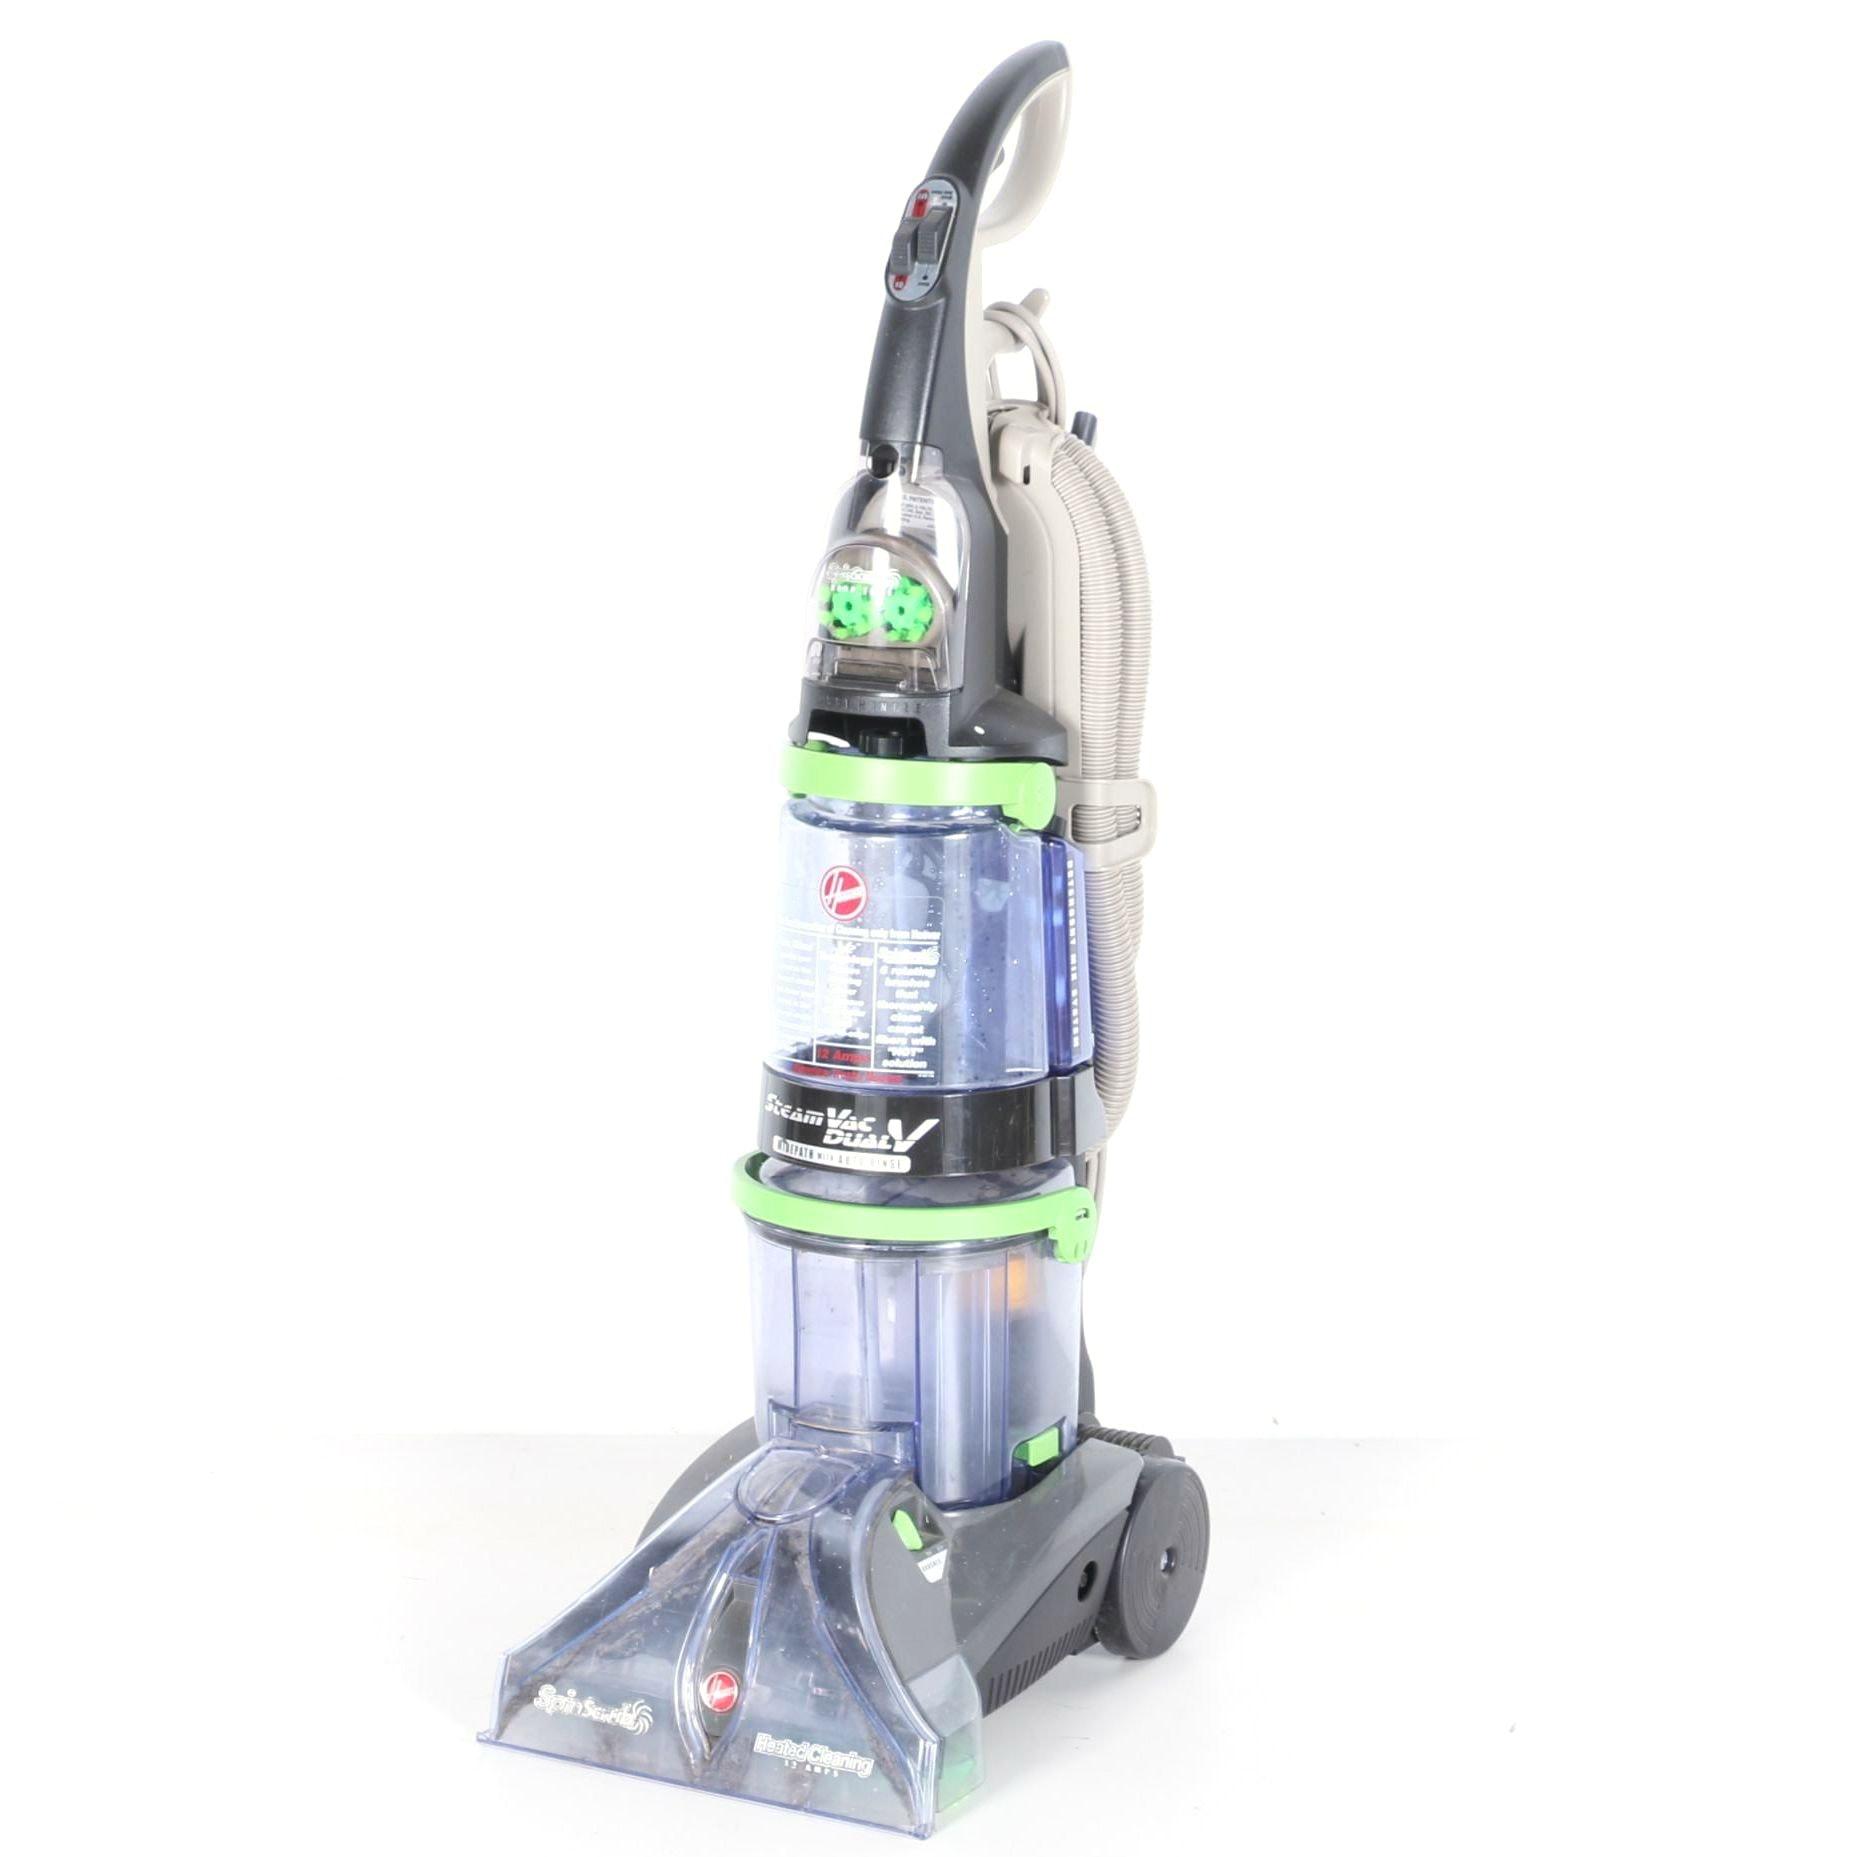 Hoover SteamVac Dual V Carpet Cleaner